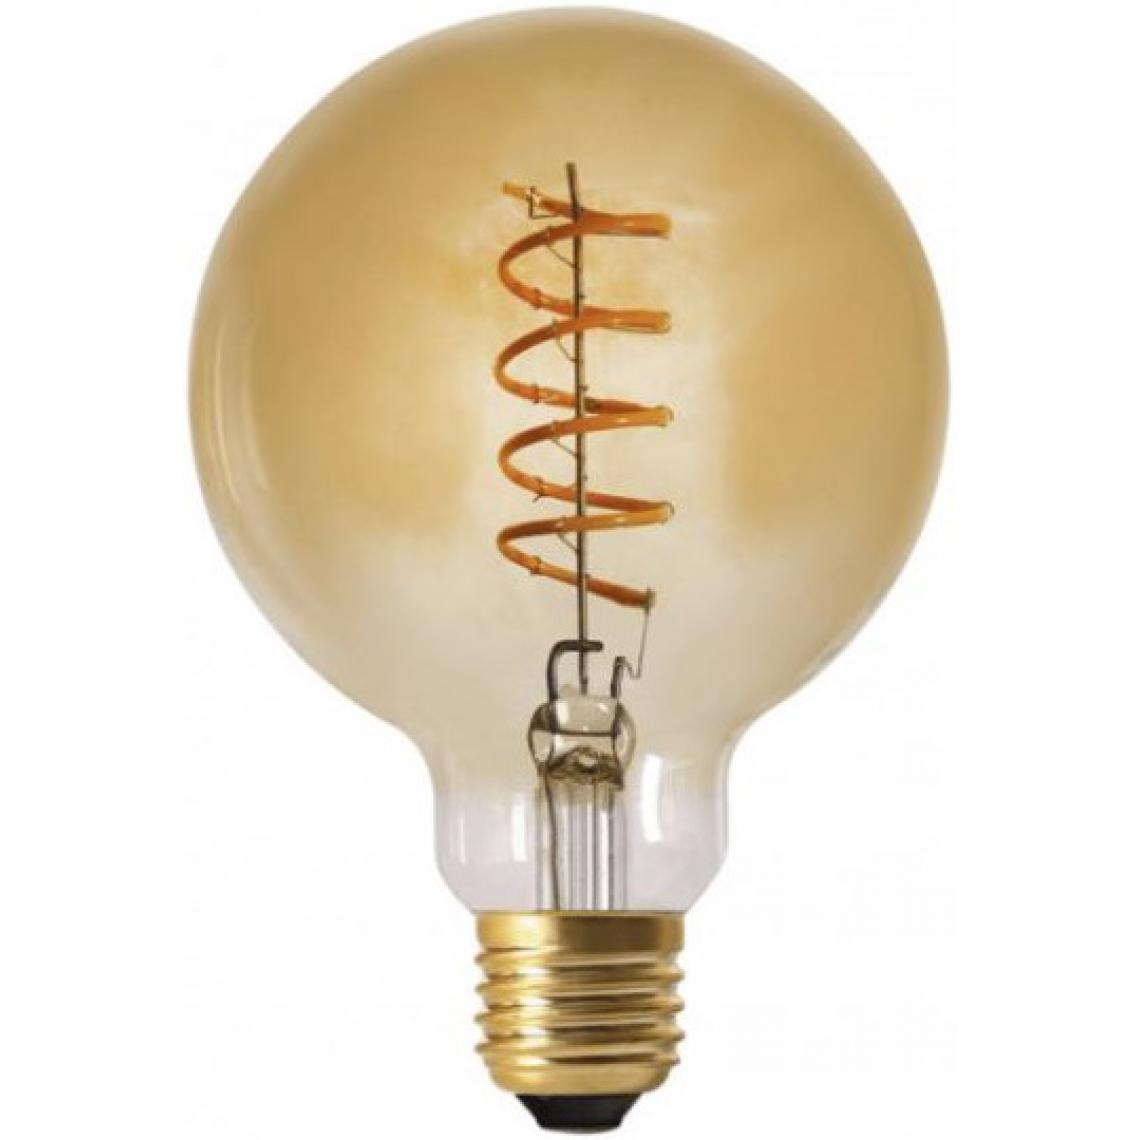 Promo : Ampoule LED Globe Verre Ambré 4W d12,5 Dimmable ROXANE